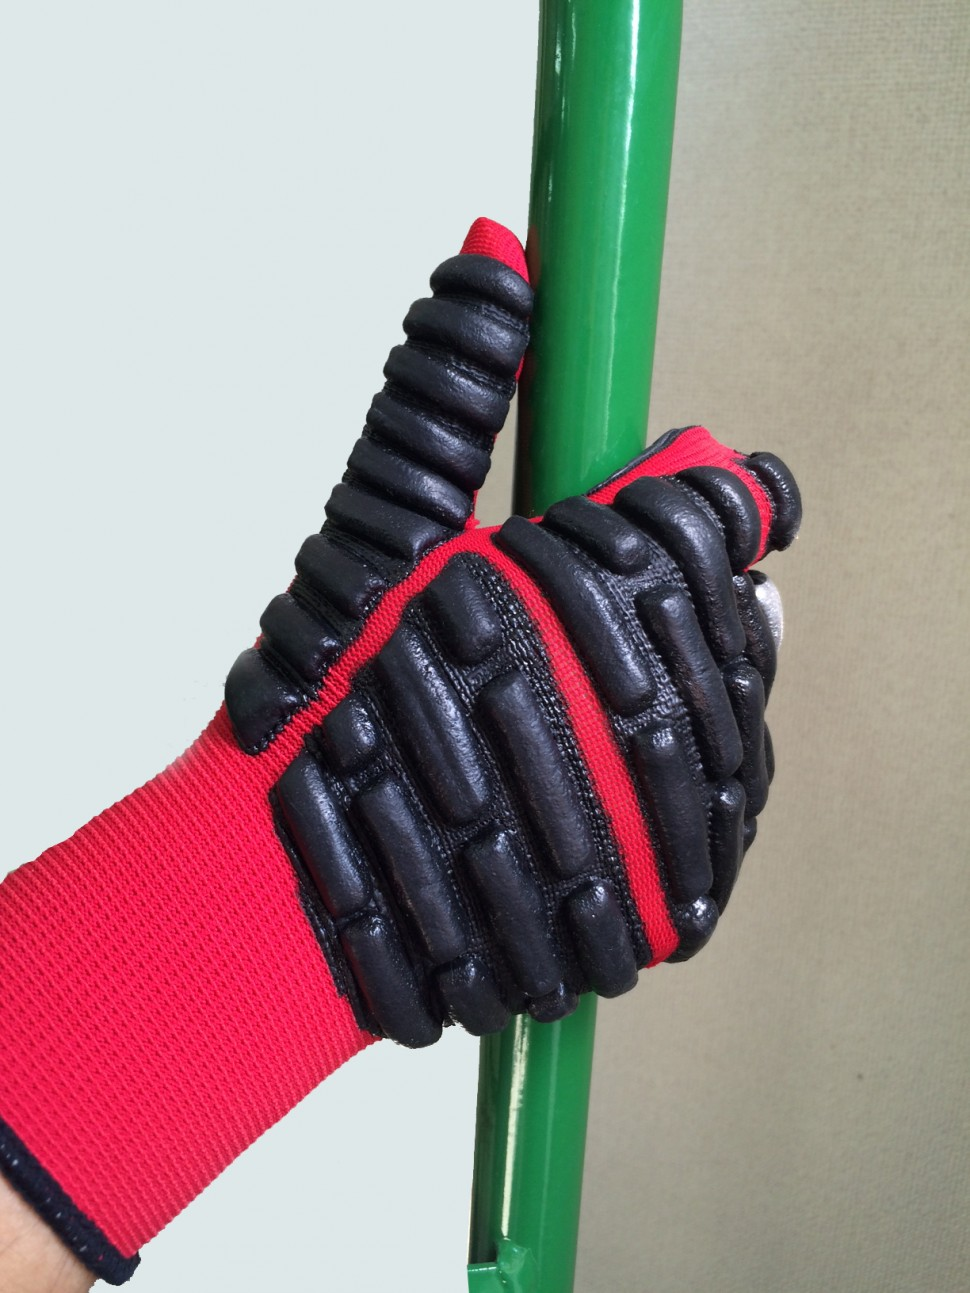 ロールボックスパレット用保護手袋「拳護(けんご)」